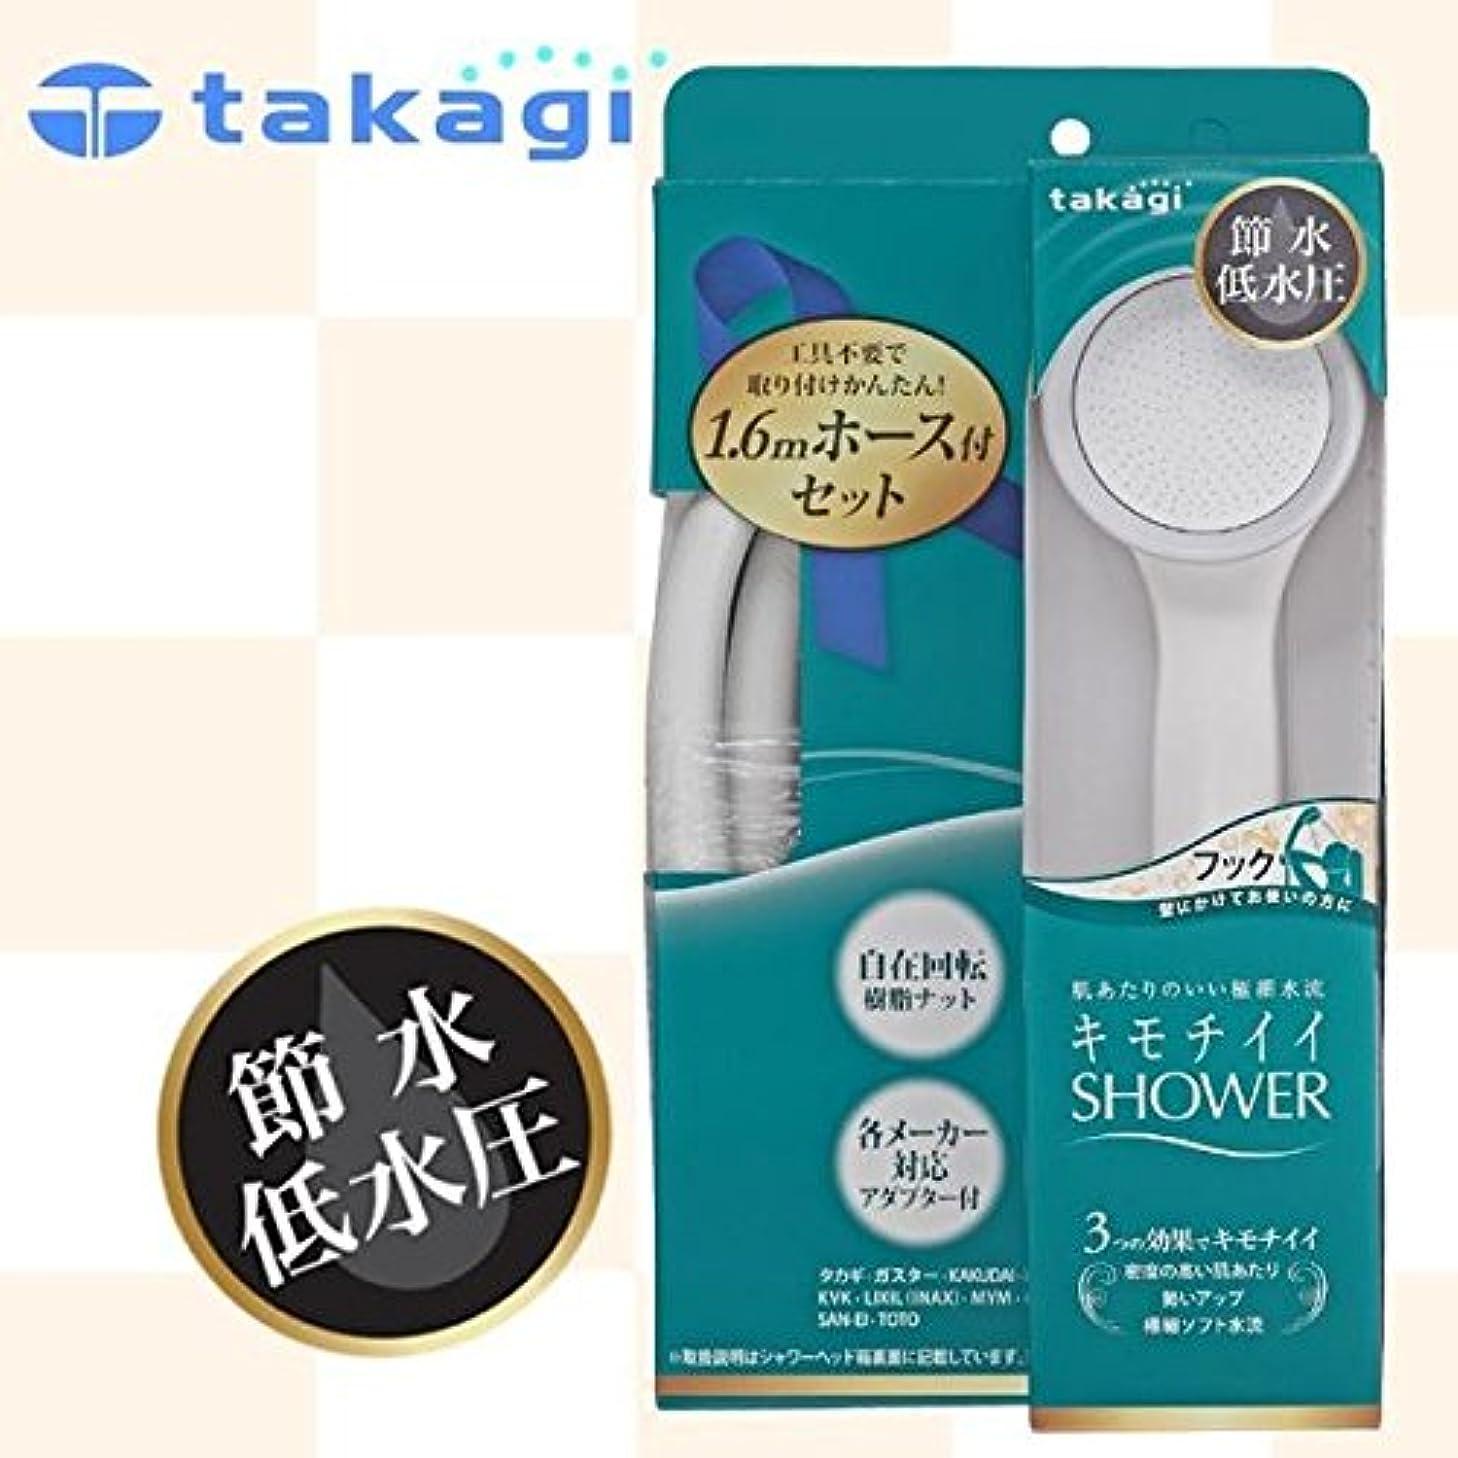 書き込み他に中世のtakagi タカギ 浴室用シャワーヘッド キモチイイシャワーホースセットWT フックタイプ【同梱?代引不可】